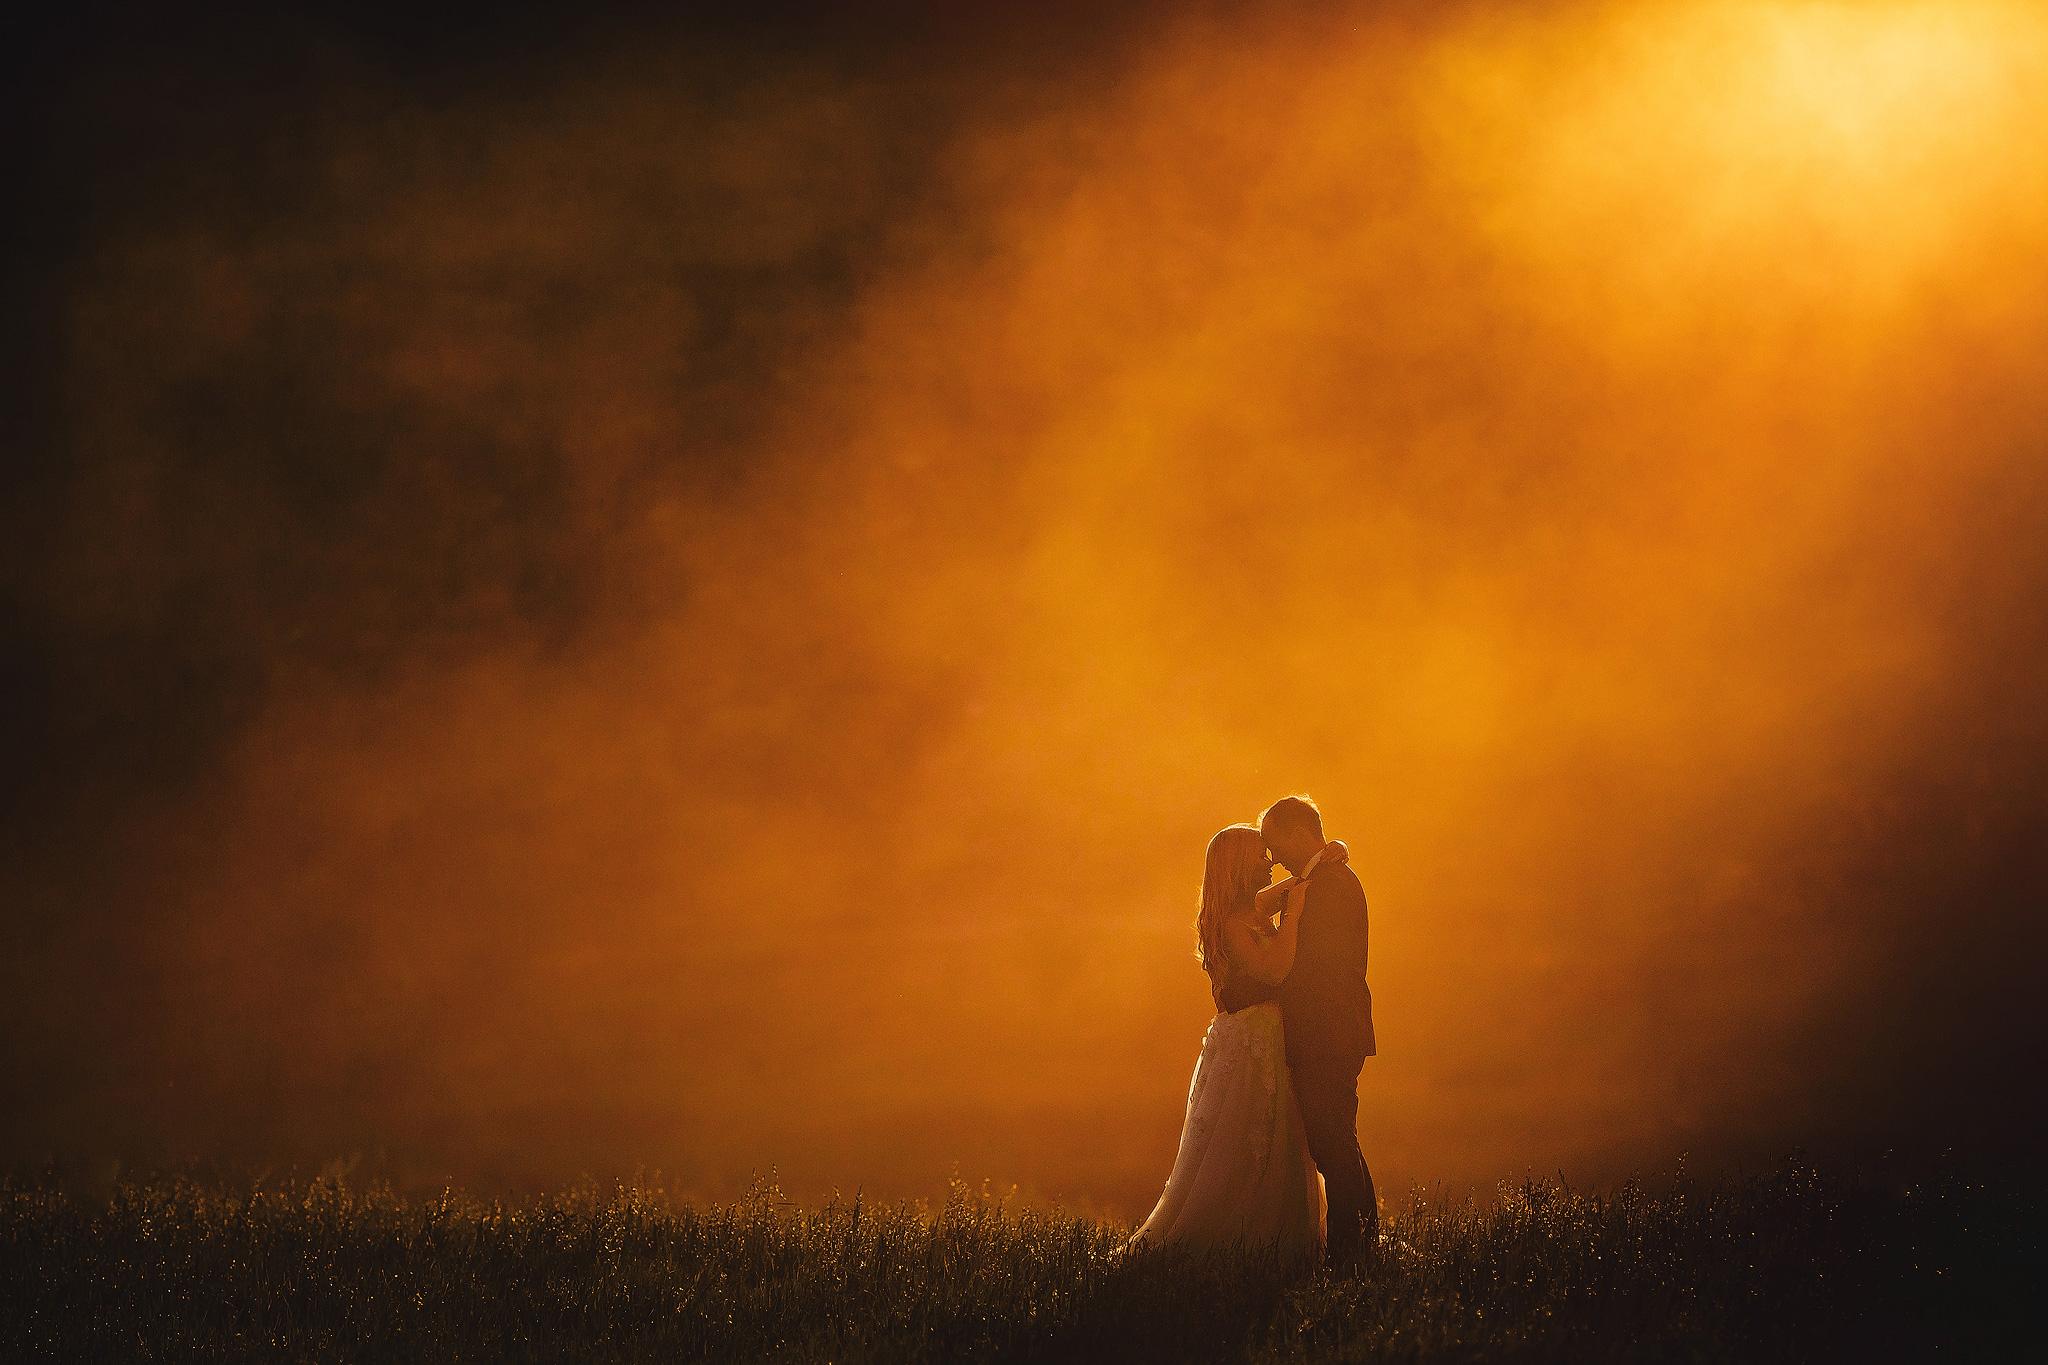 couple-portrait-against-orange-haze-ruan-redelinghuys-photography